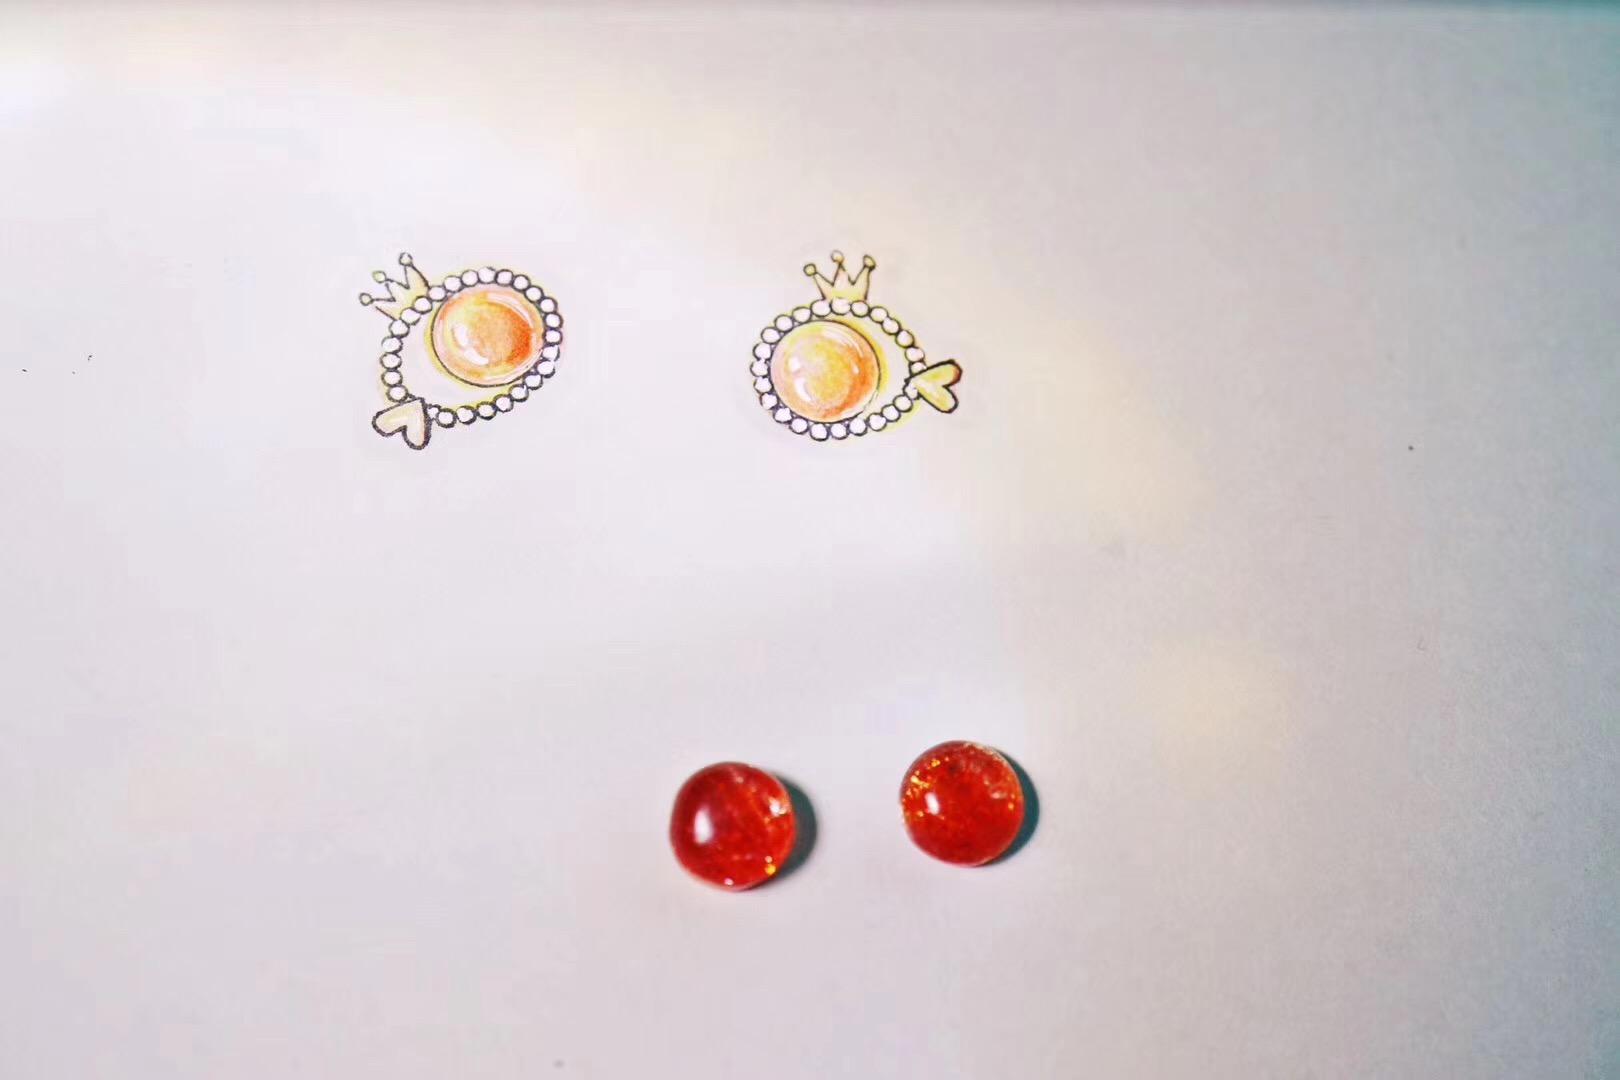 【菩心-太阳石耳钉】太阳鱼在白水晶球的光晕下,自由畅游-菩心晶舍